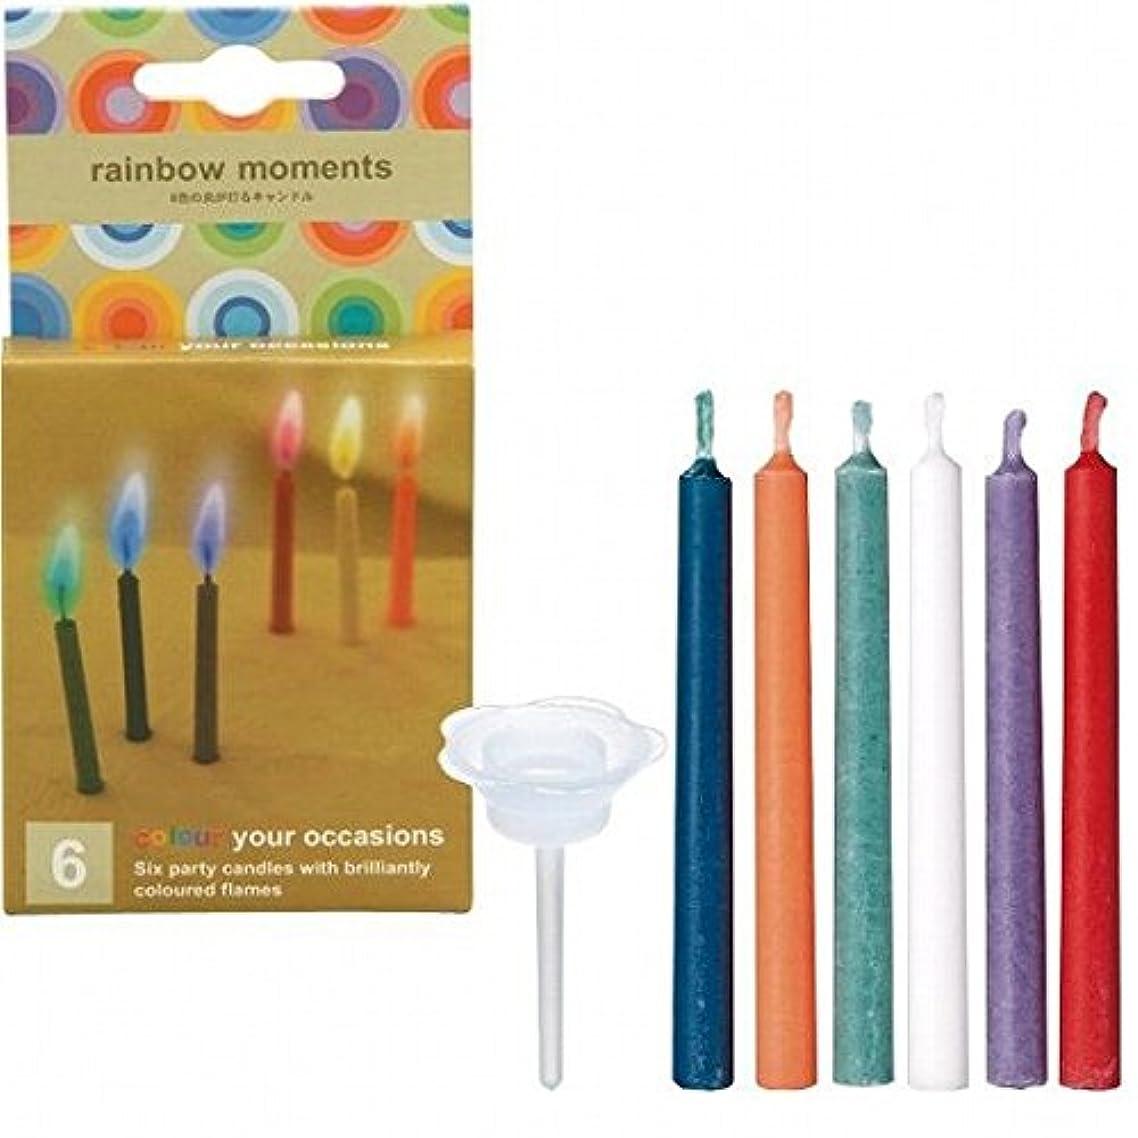 解読する観客ブラザーkameyama candle(カメヤマキャンドル) rainbowmoments(レインボーモーメント)6色6本入り 「 6本入り 」 キャンドル(56050000)